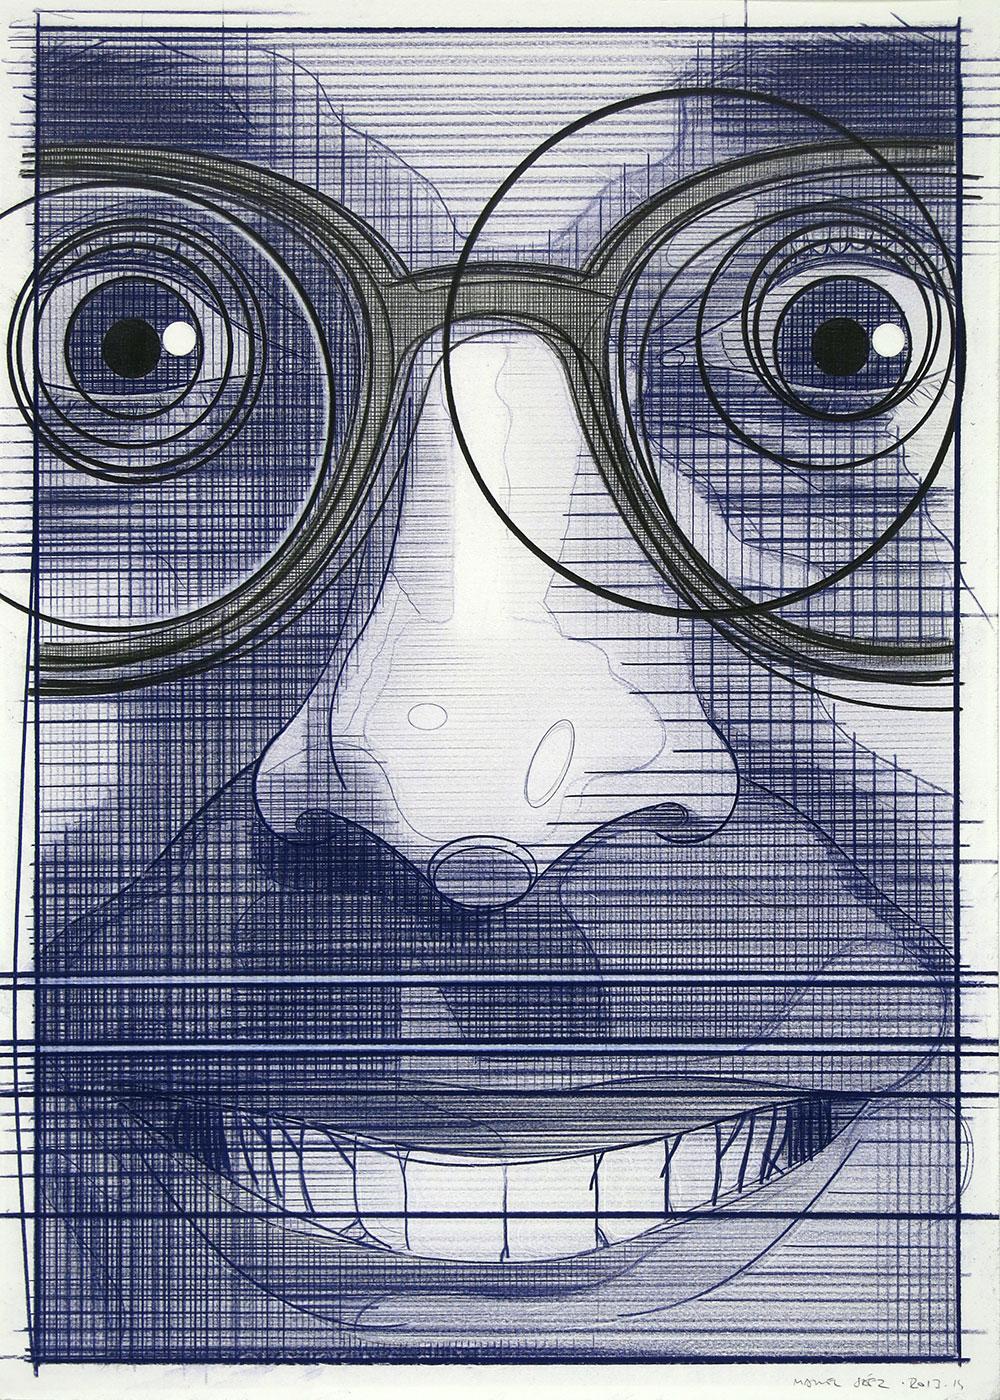 El turista del espacio 6, 2013-2014. Lápiz de color / papel. 70 x 50 cm